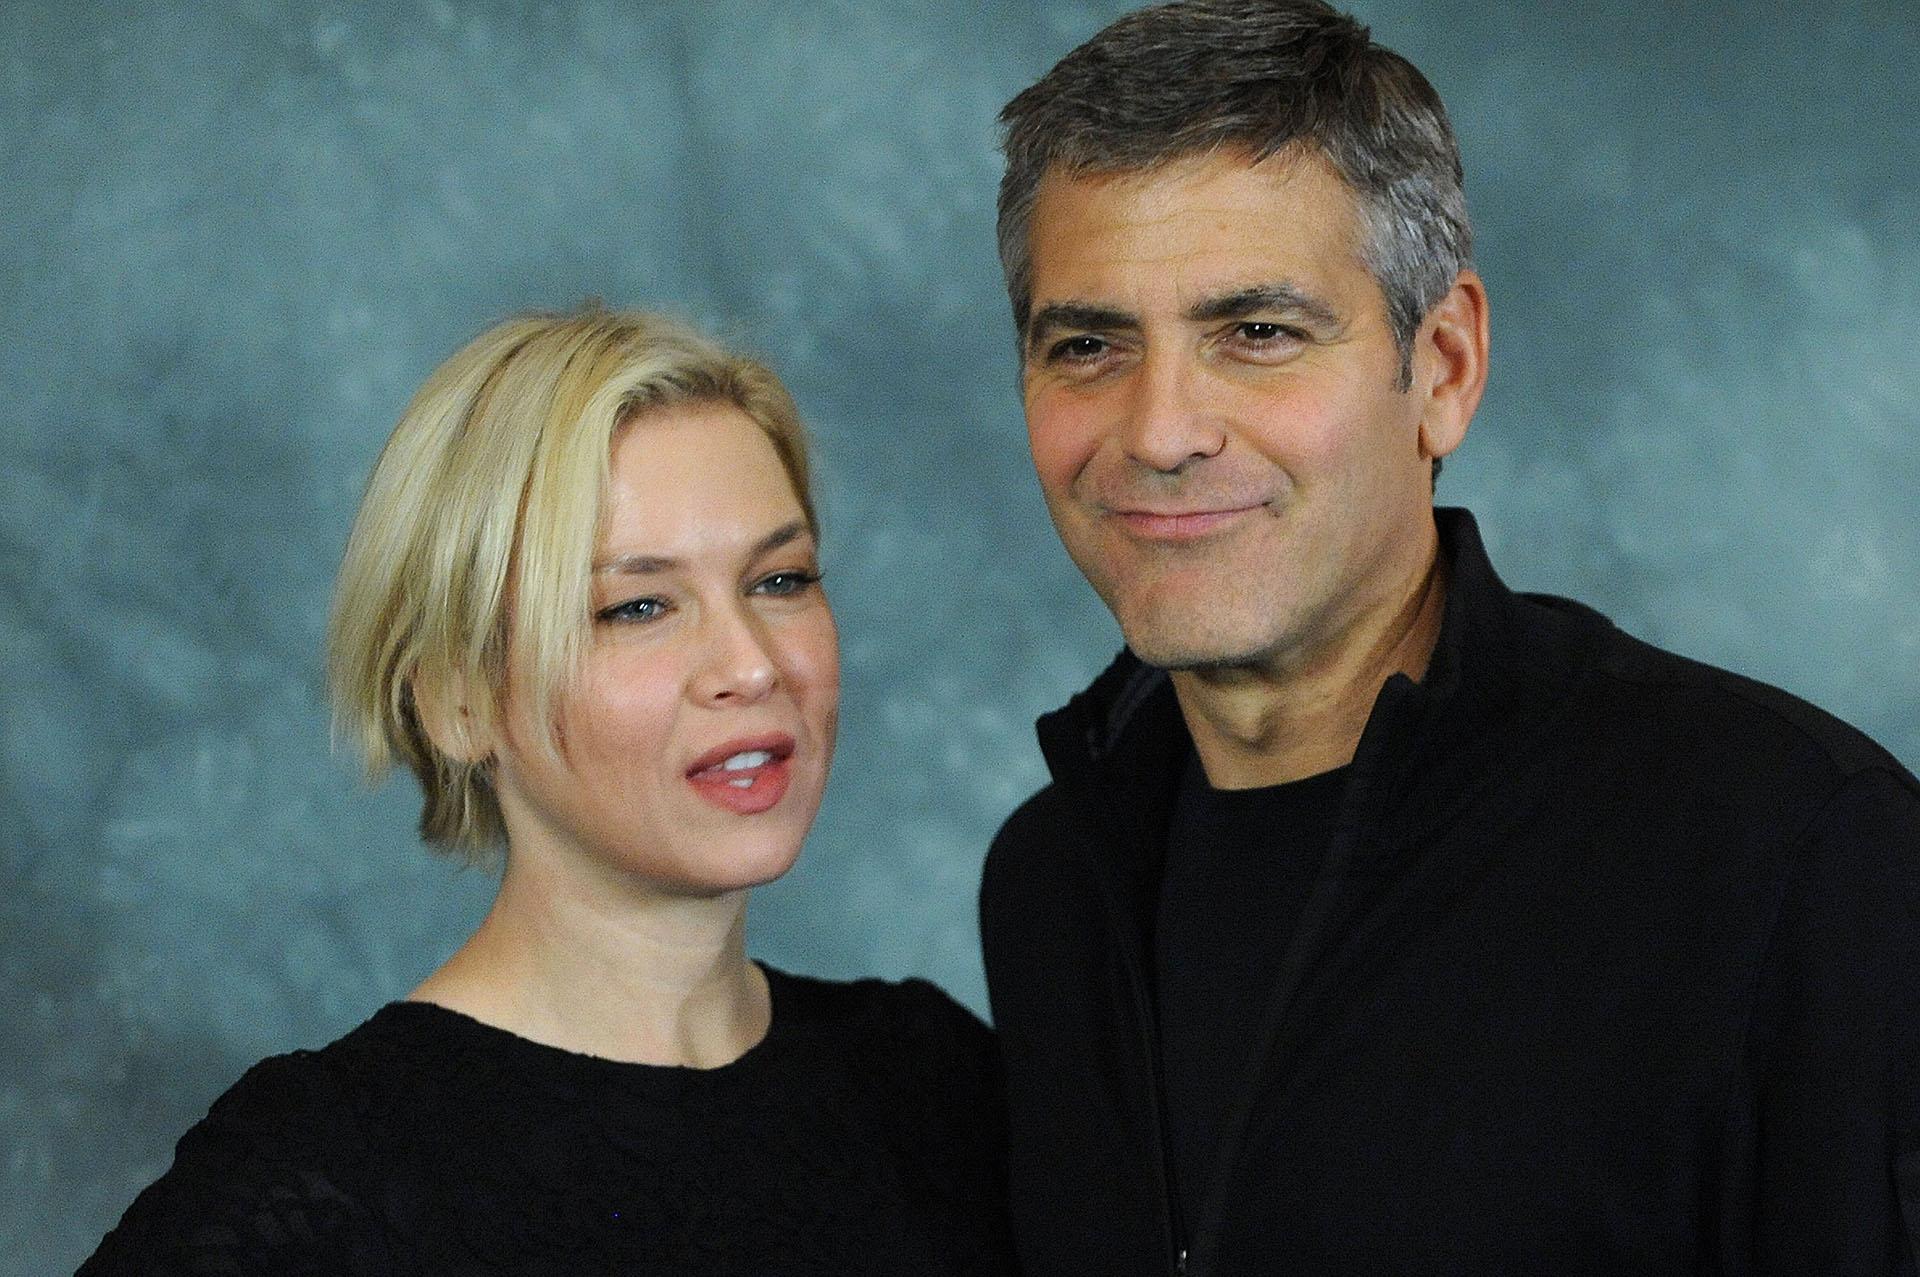 """Renée Zellweger y George Clooney durante la presentación del filme """"Jugando sucio"""", dirigido por Clooney en 2008"""